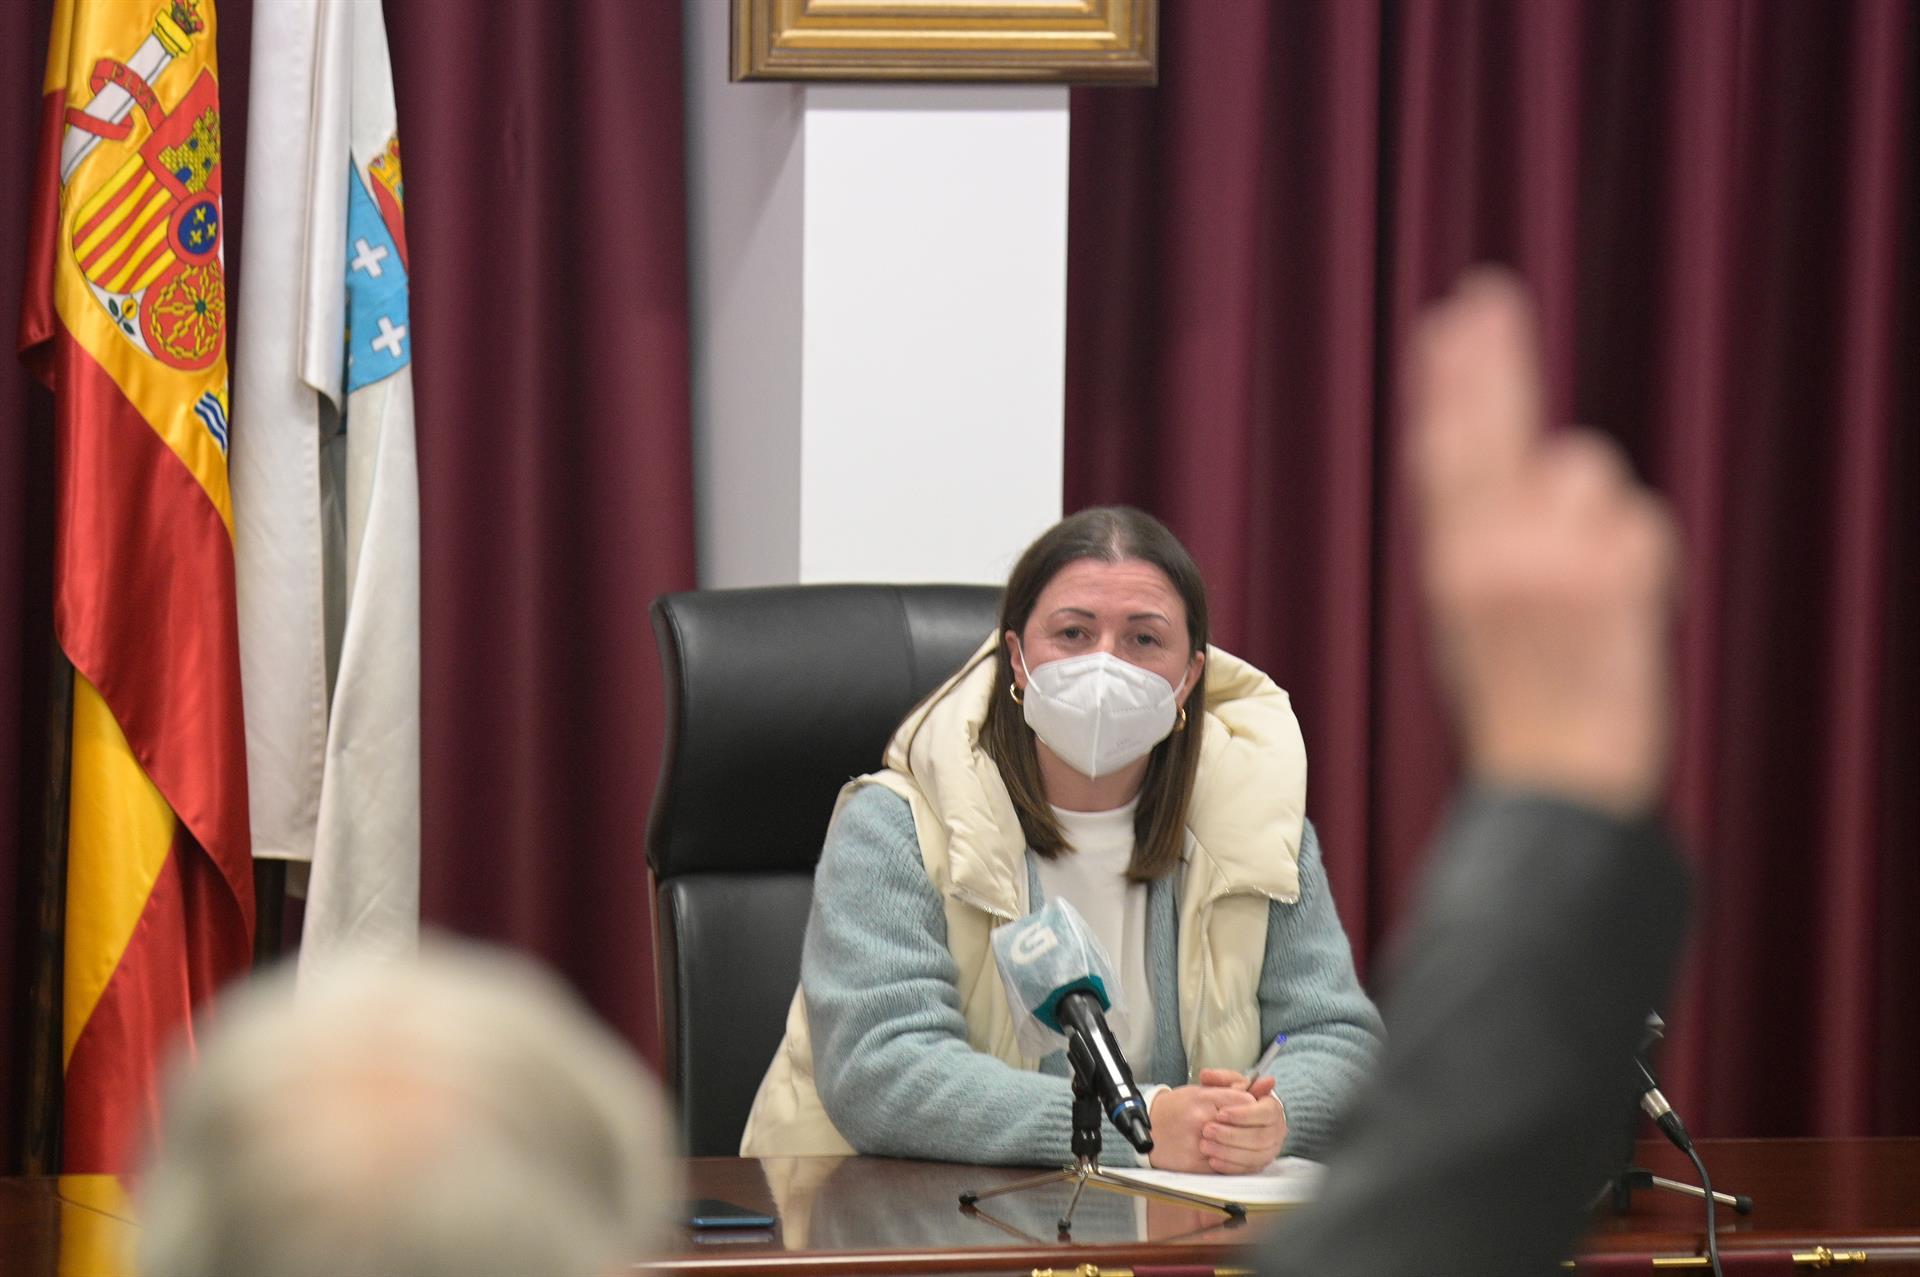 Cinco ediles del PP protegen a la alcaldesa que se vacunó del coronaviurs